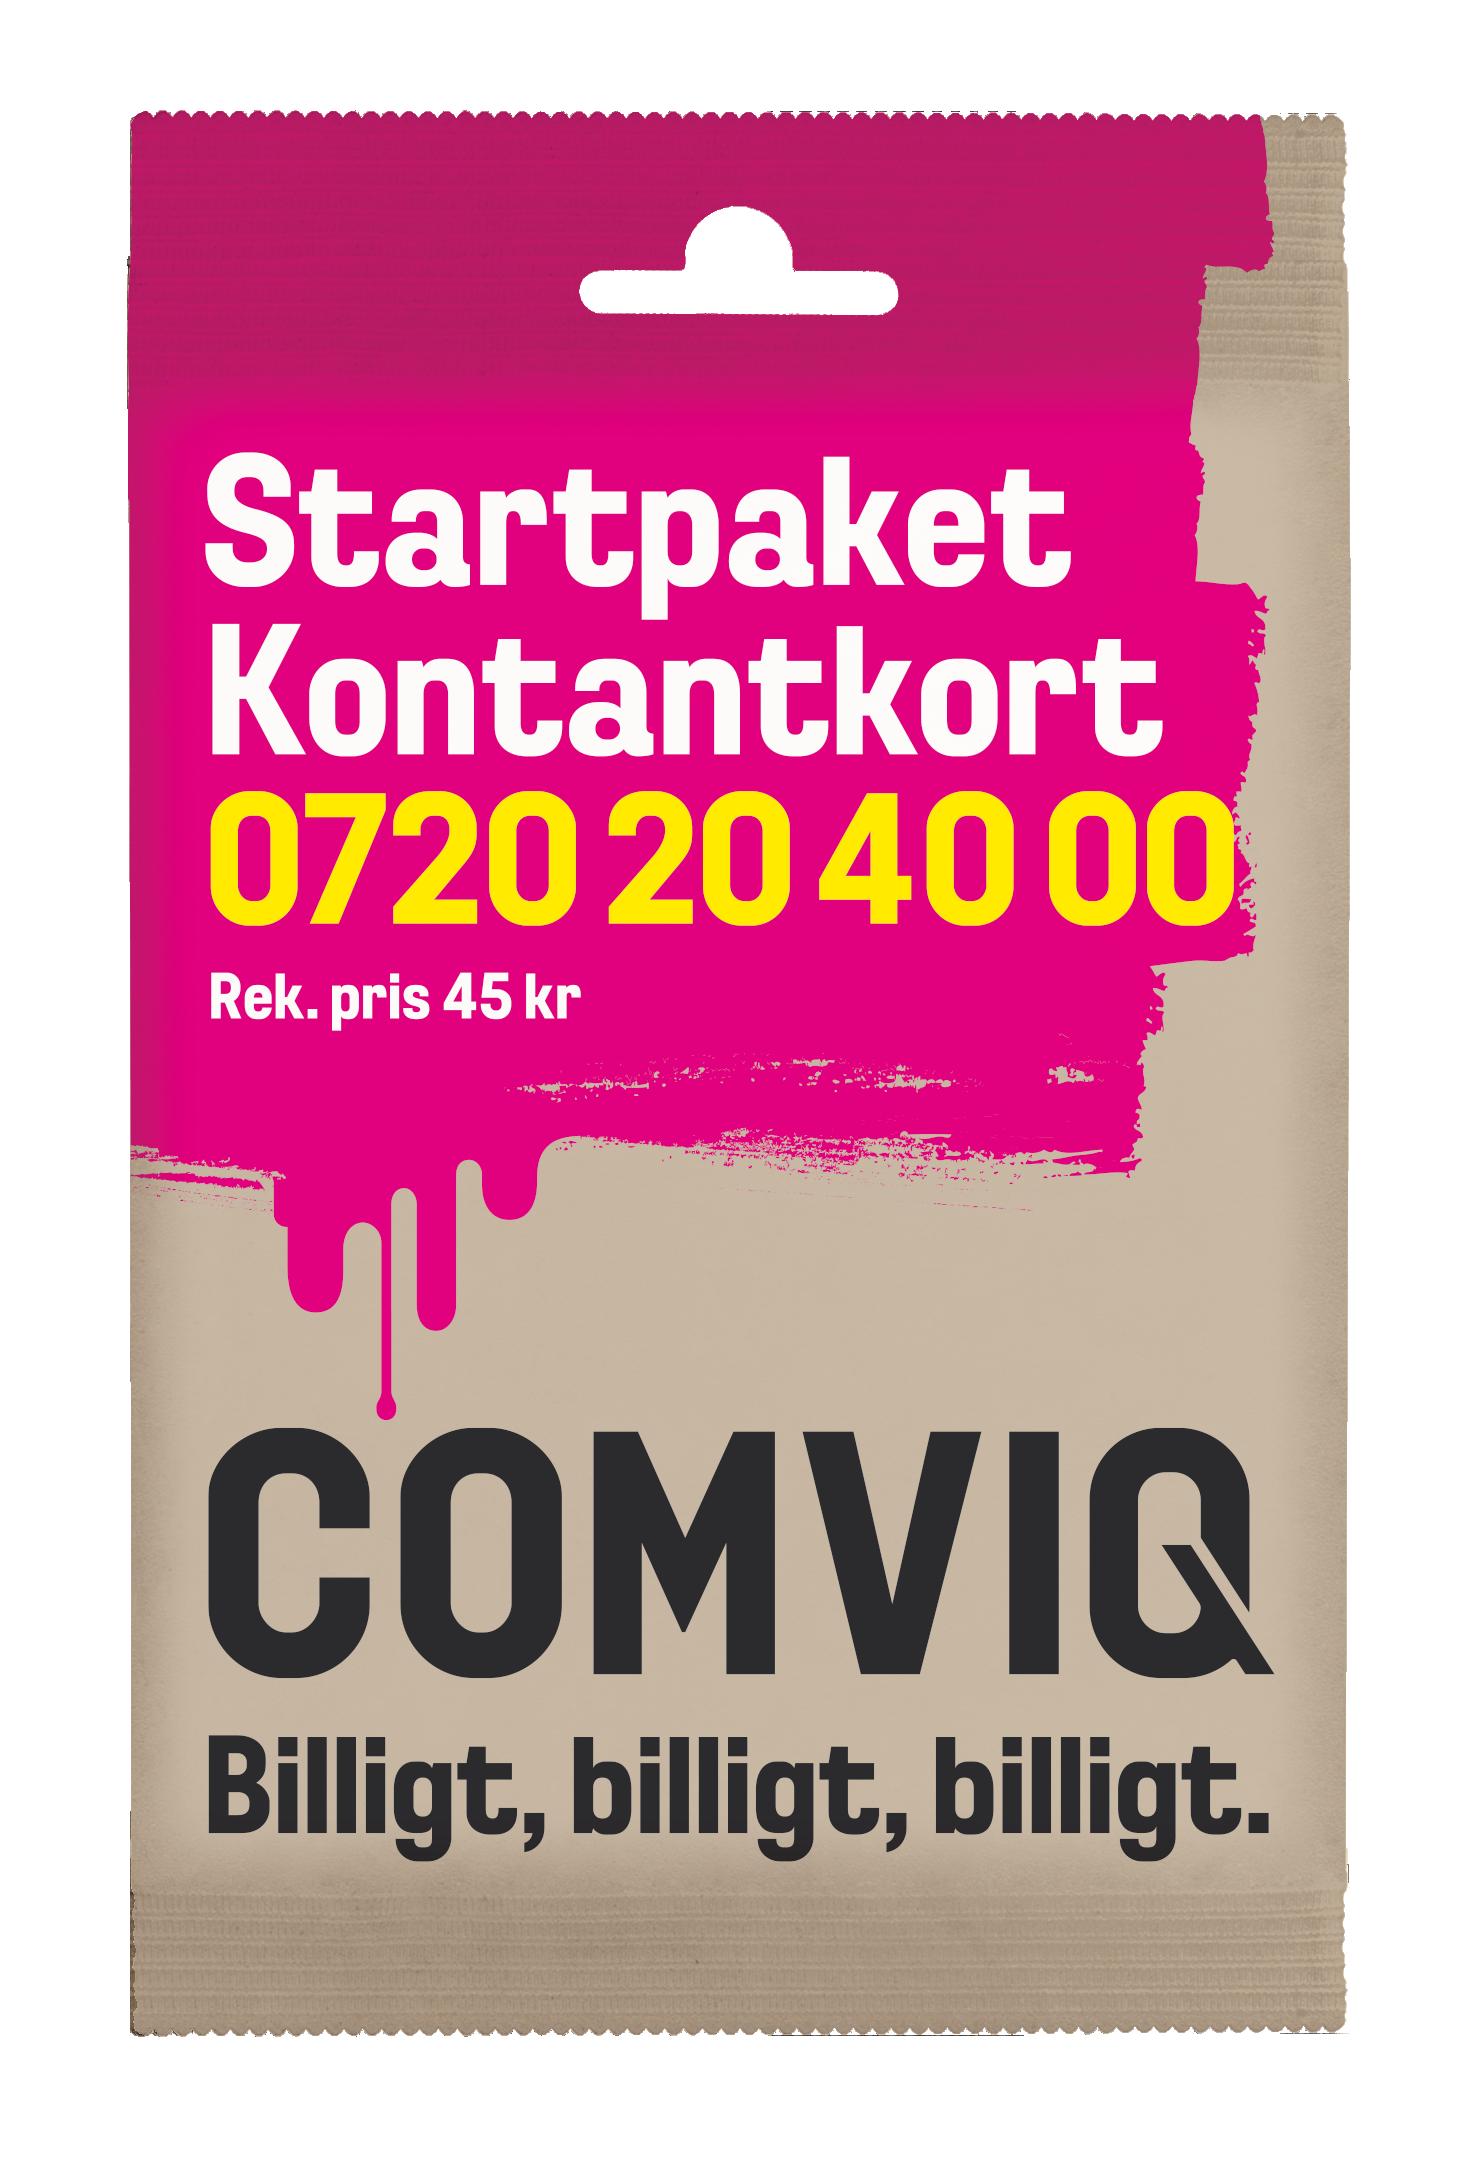 startpaket comviq